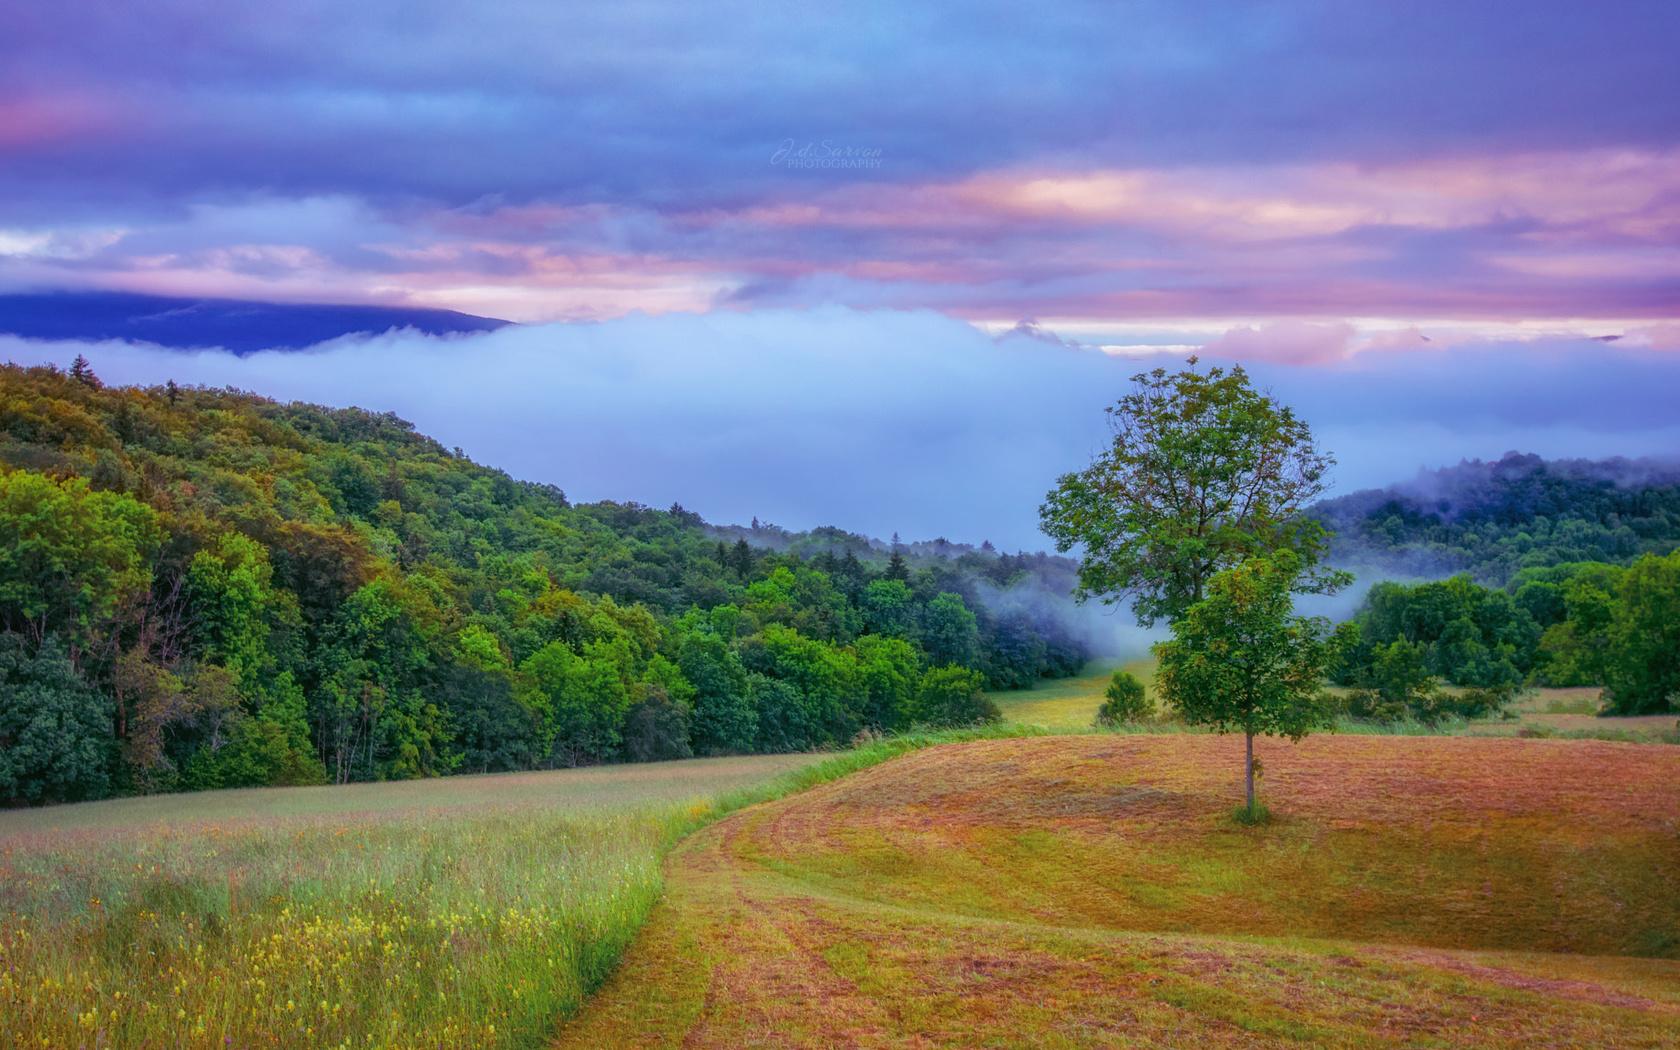 поле, деревья, небо, облака, холмы, пейзаж